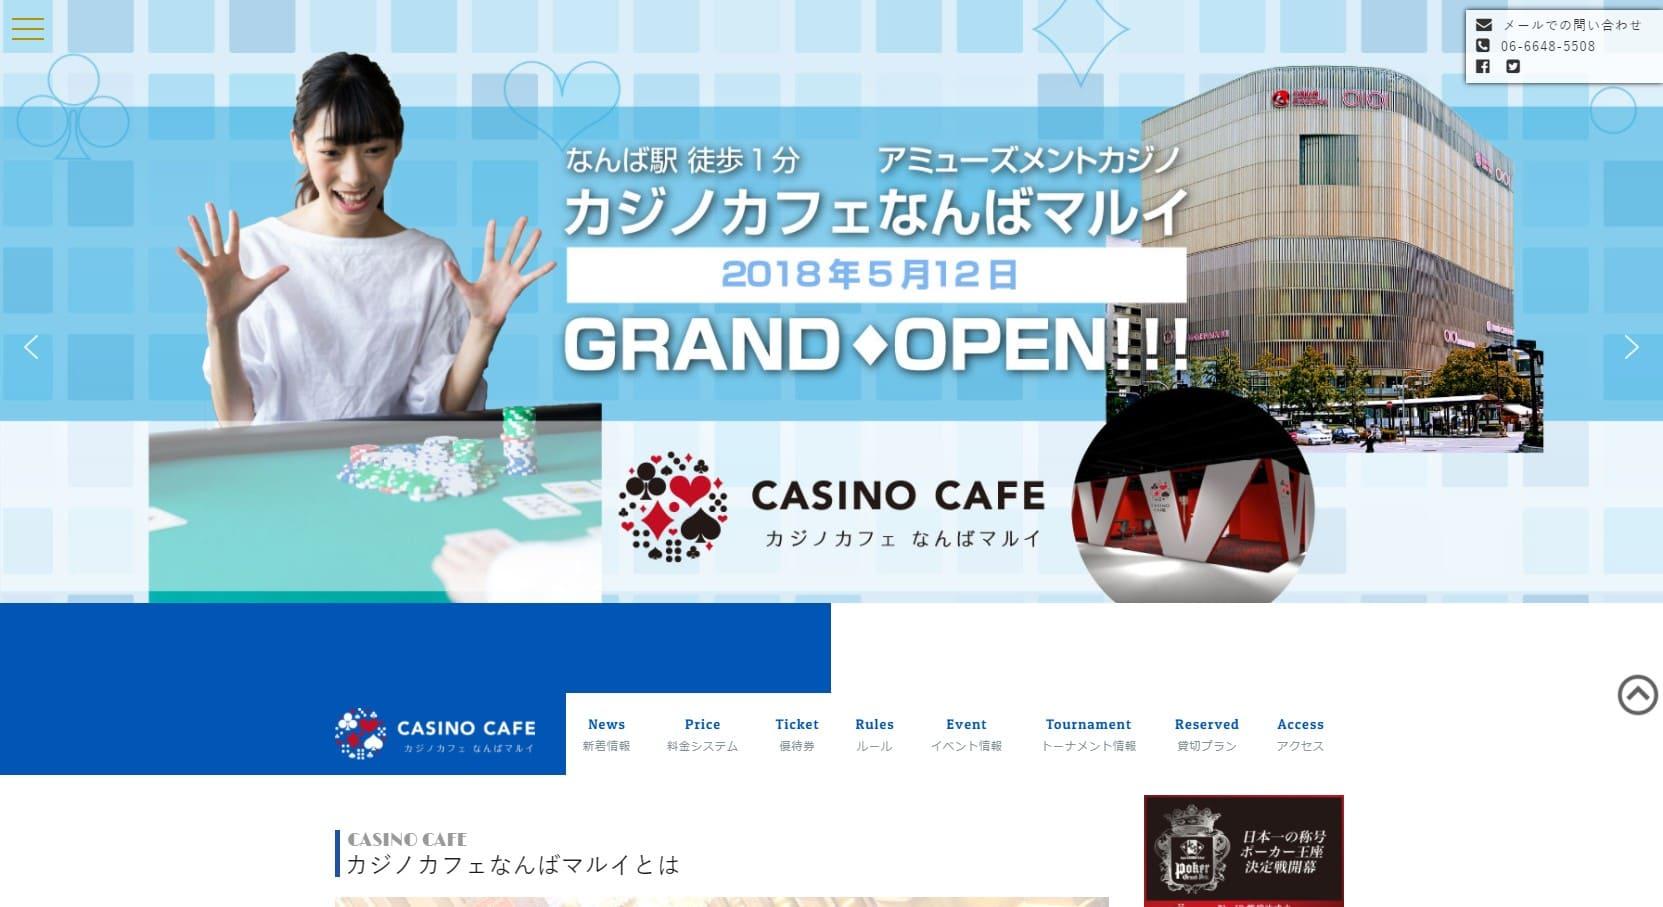 カジノカフェなんばマルイのウェブサイト画像。